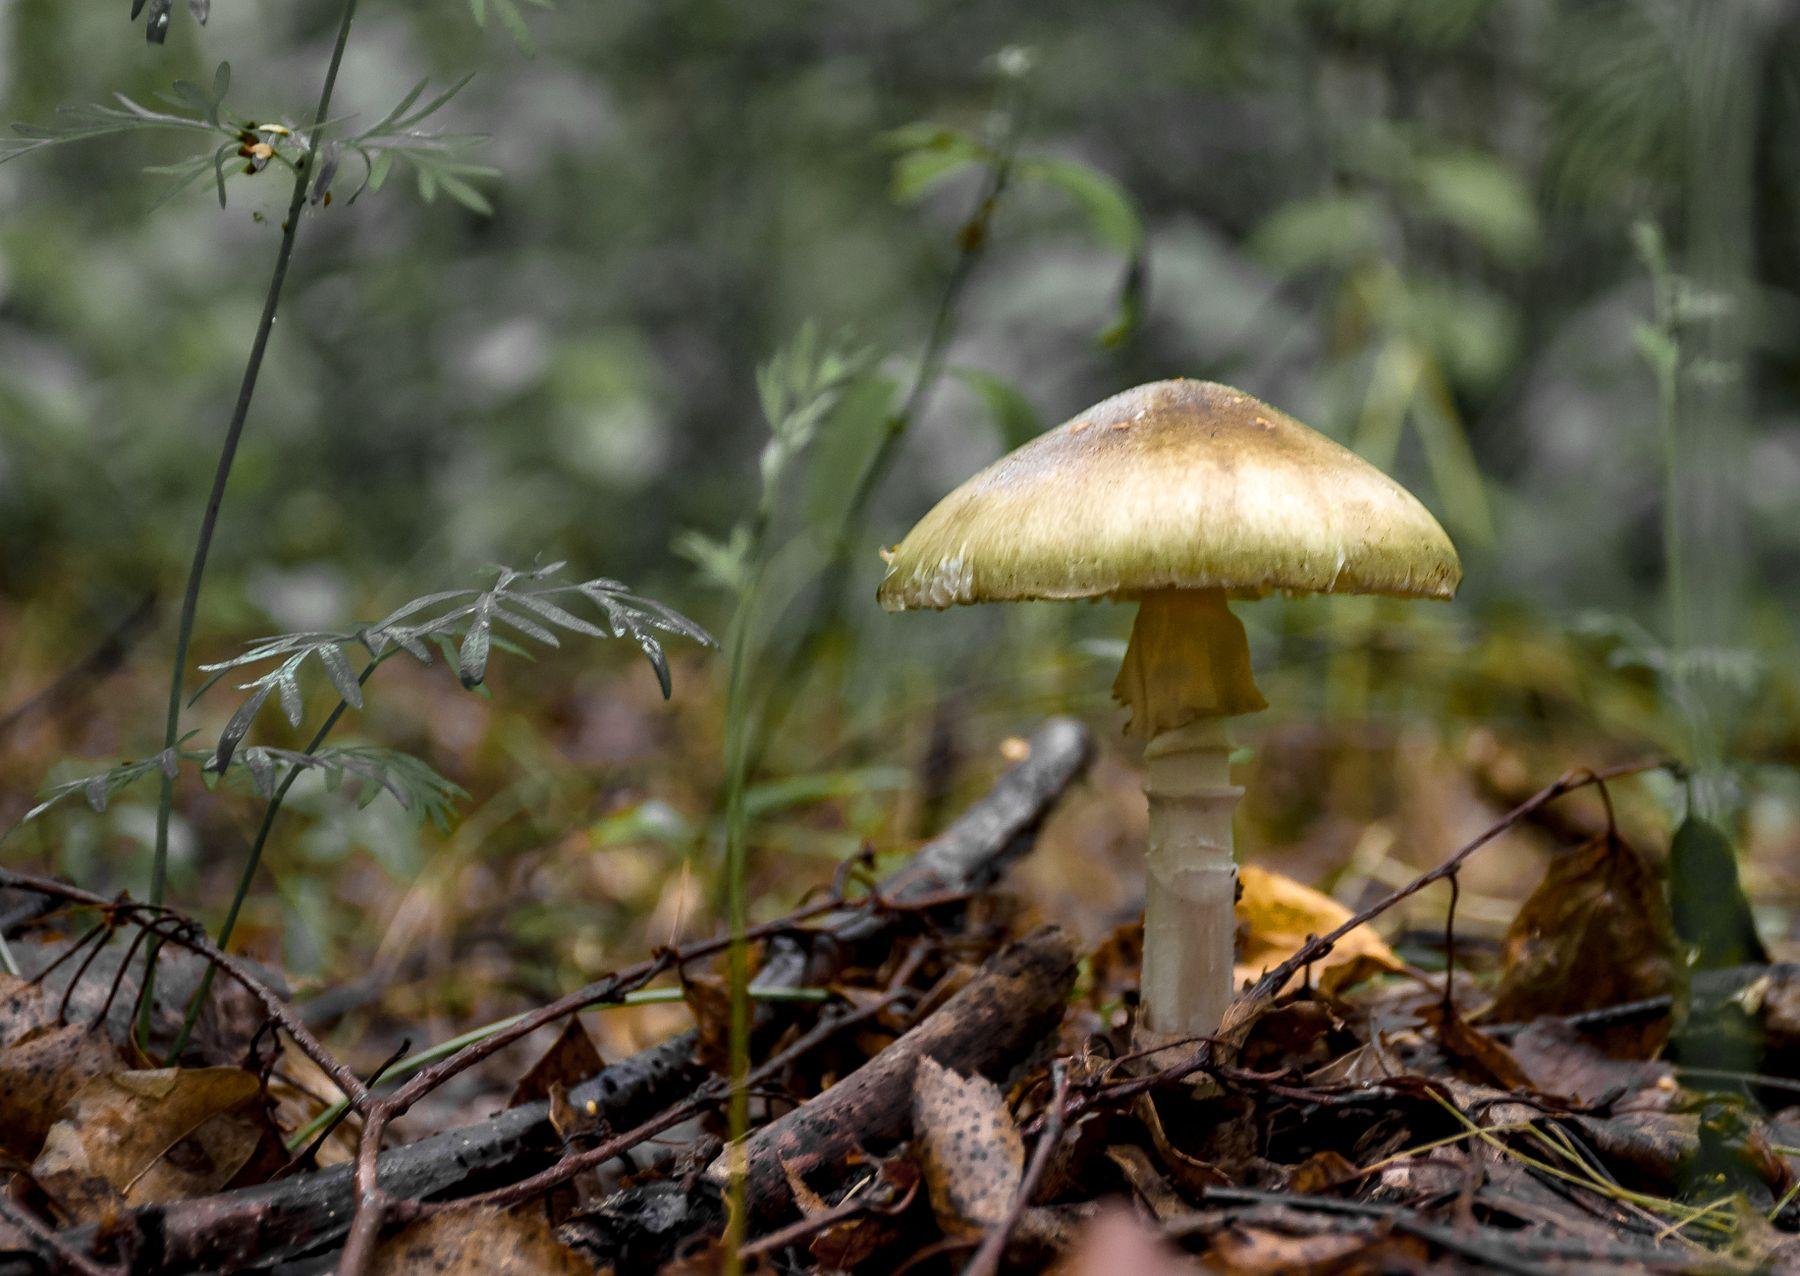 Бледная поганка грибы поганка бледная мухомор аманиты